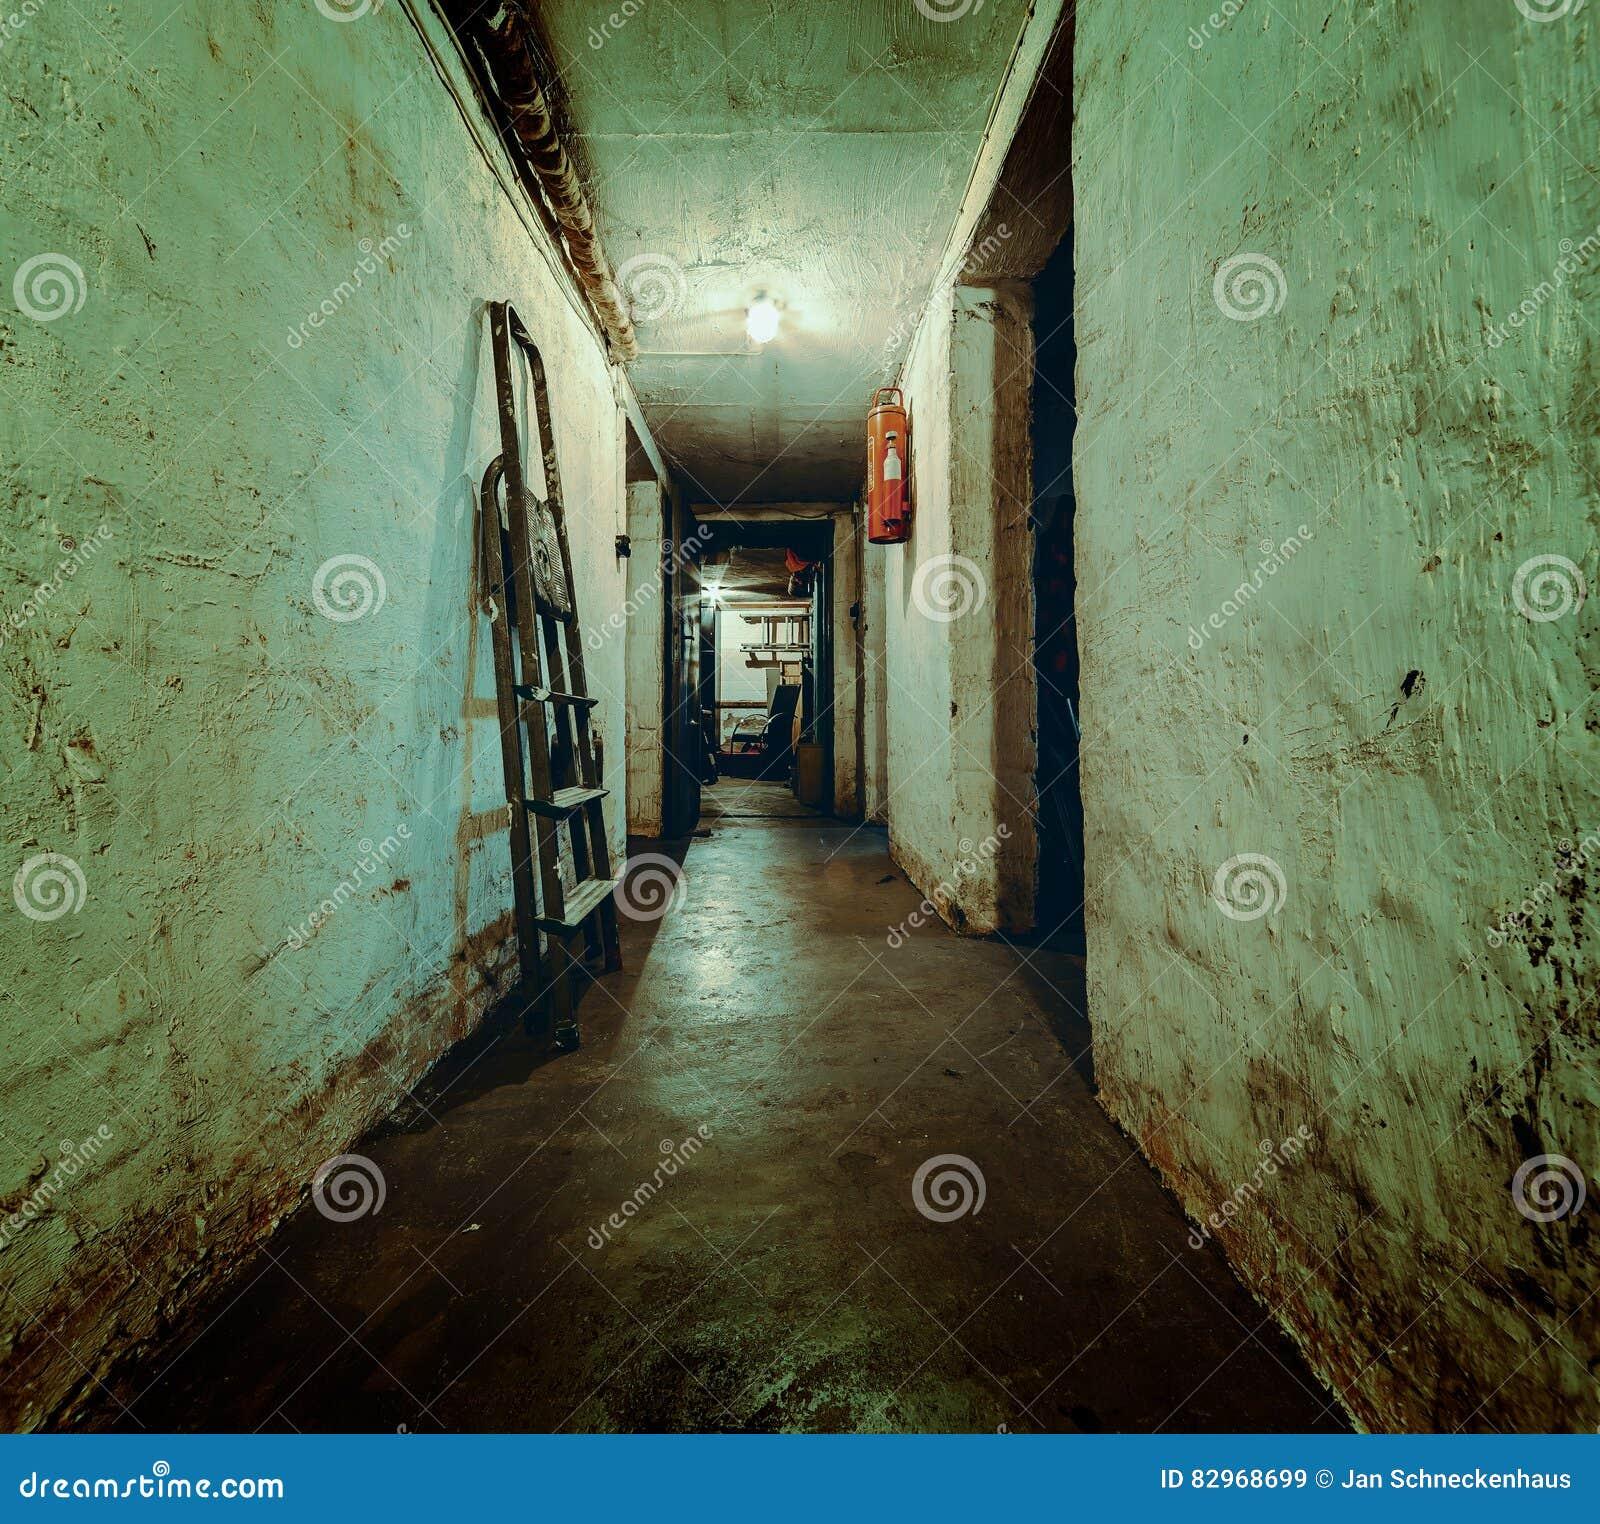 der kerker ein dunkler keller stockbild bild von ziegelstein lampe 82968699. Black Bedroom Furniture Sets. Home Design Ideas